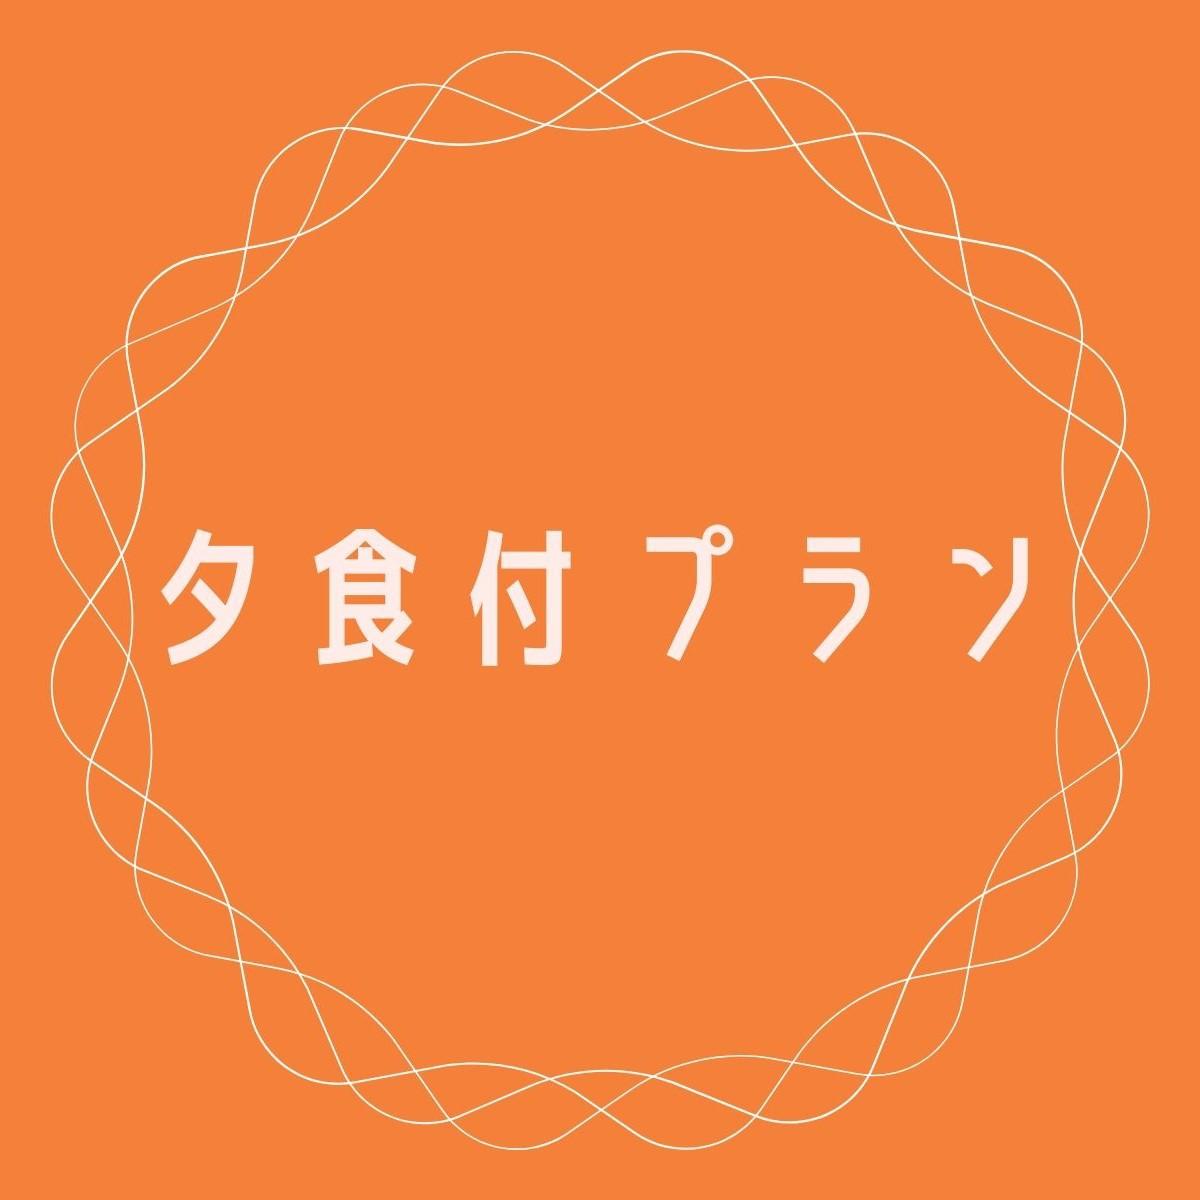 レガロホテル宮崎 image